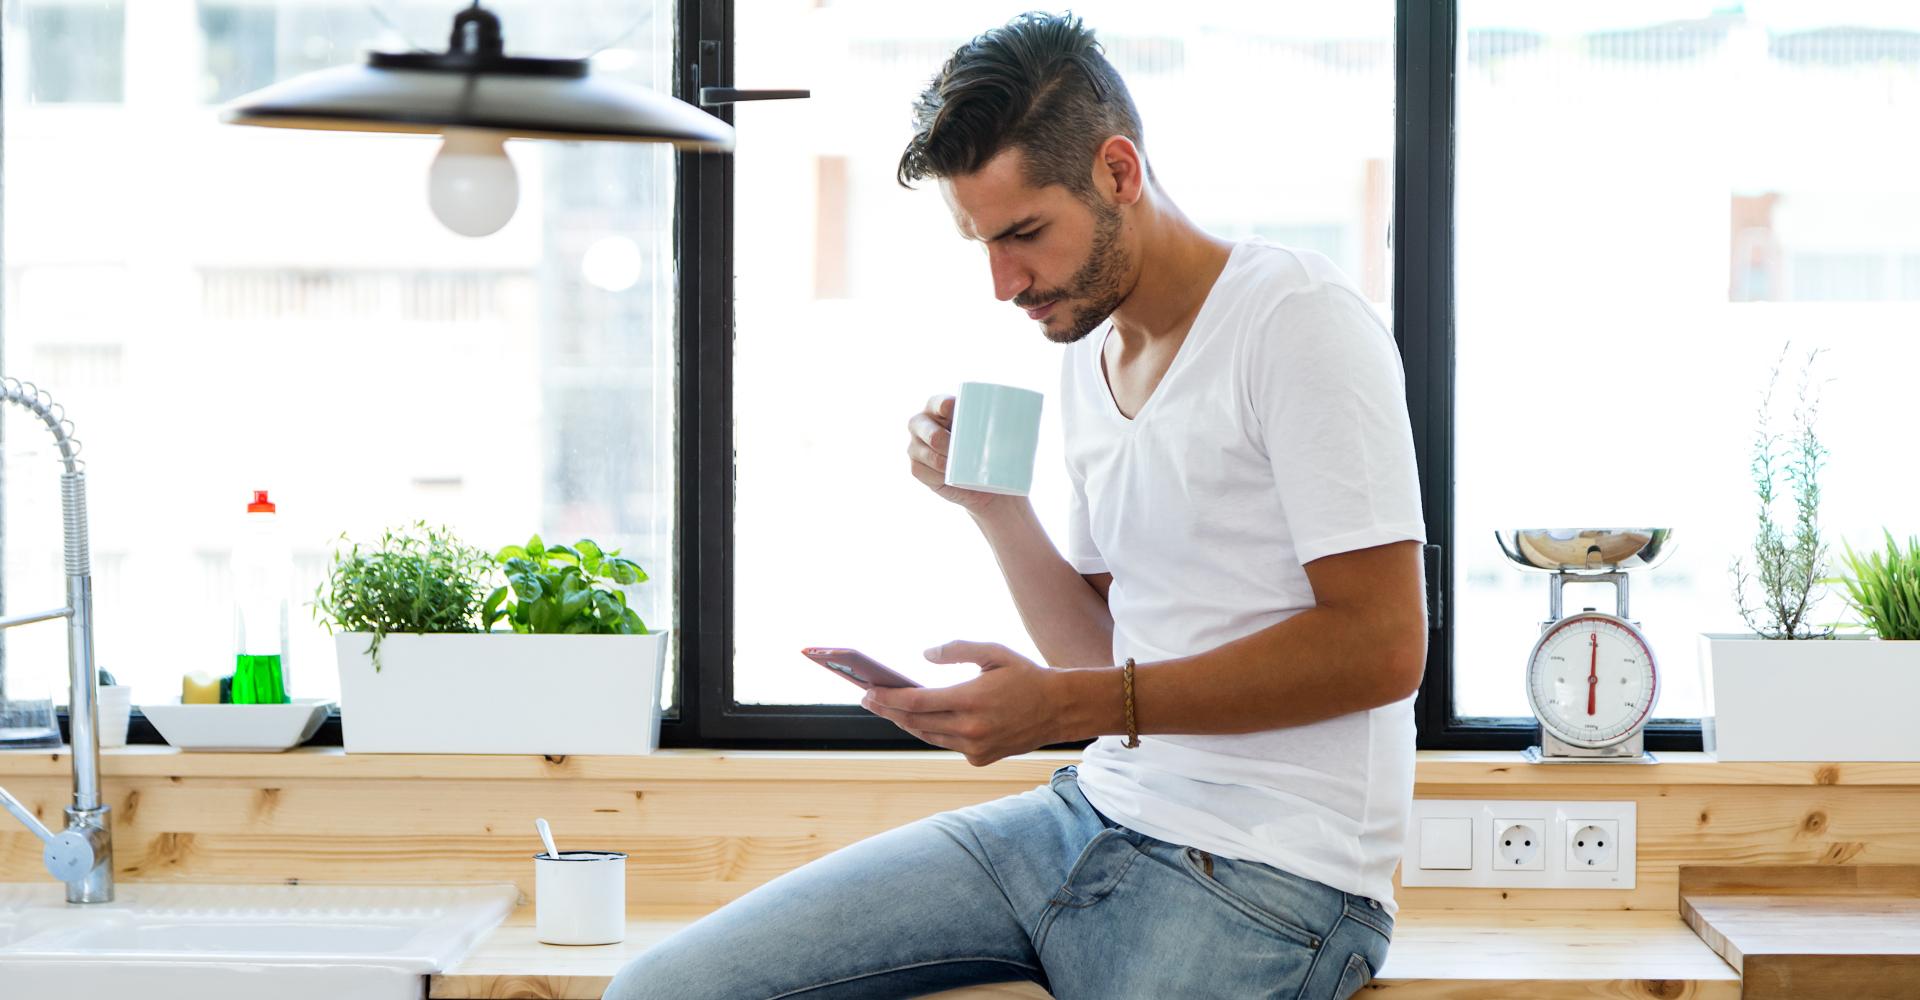 Mann schaut sich Smartphone an.